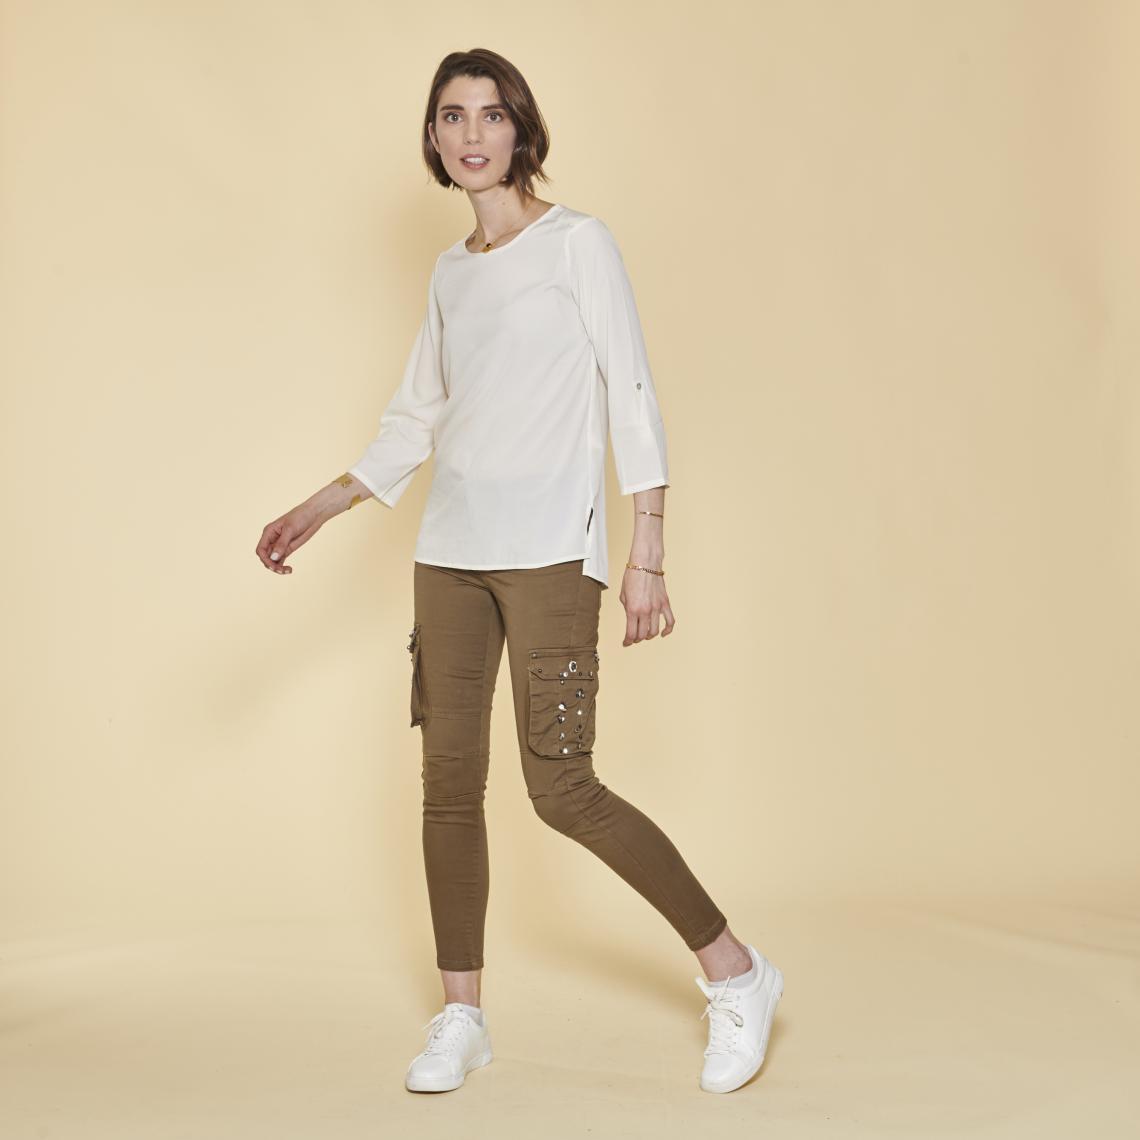 Pantalon cargo sur chevilles poches latérales et coutures genoux - Kaki - 3 SUISSES - Modalova